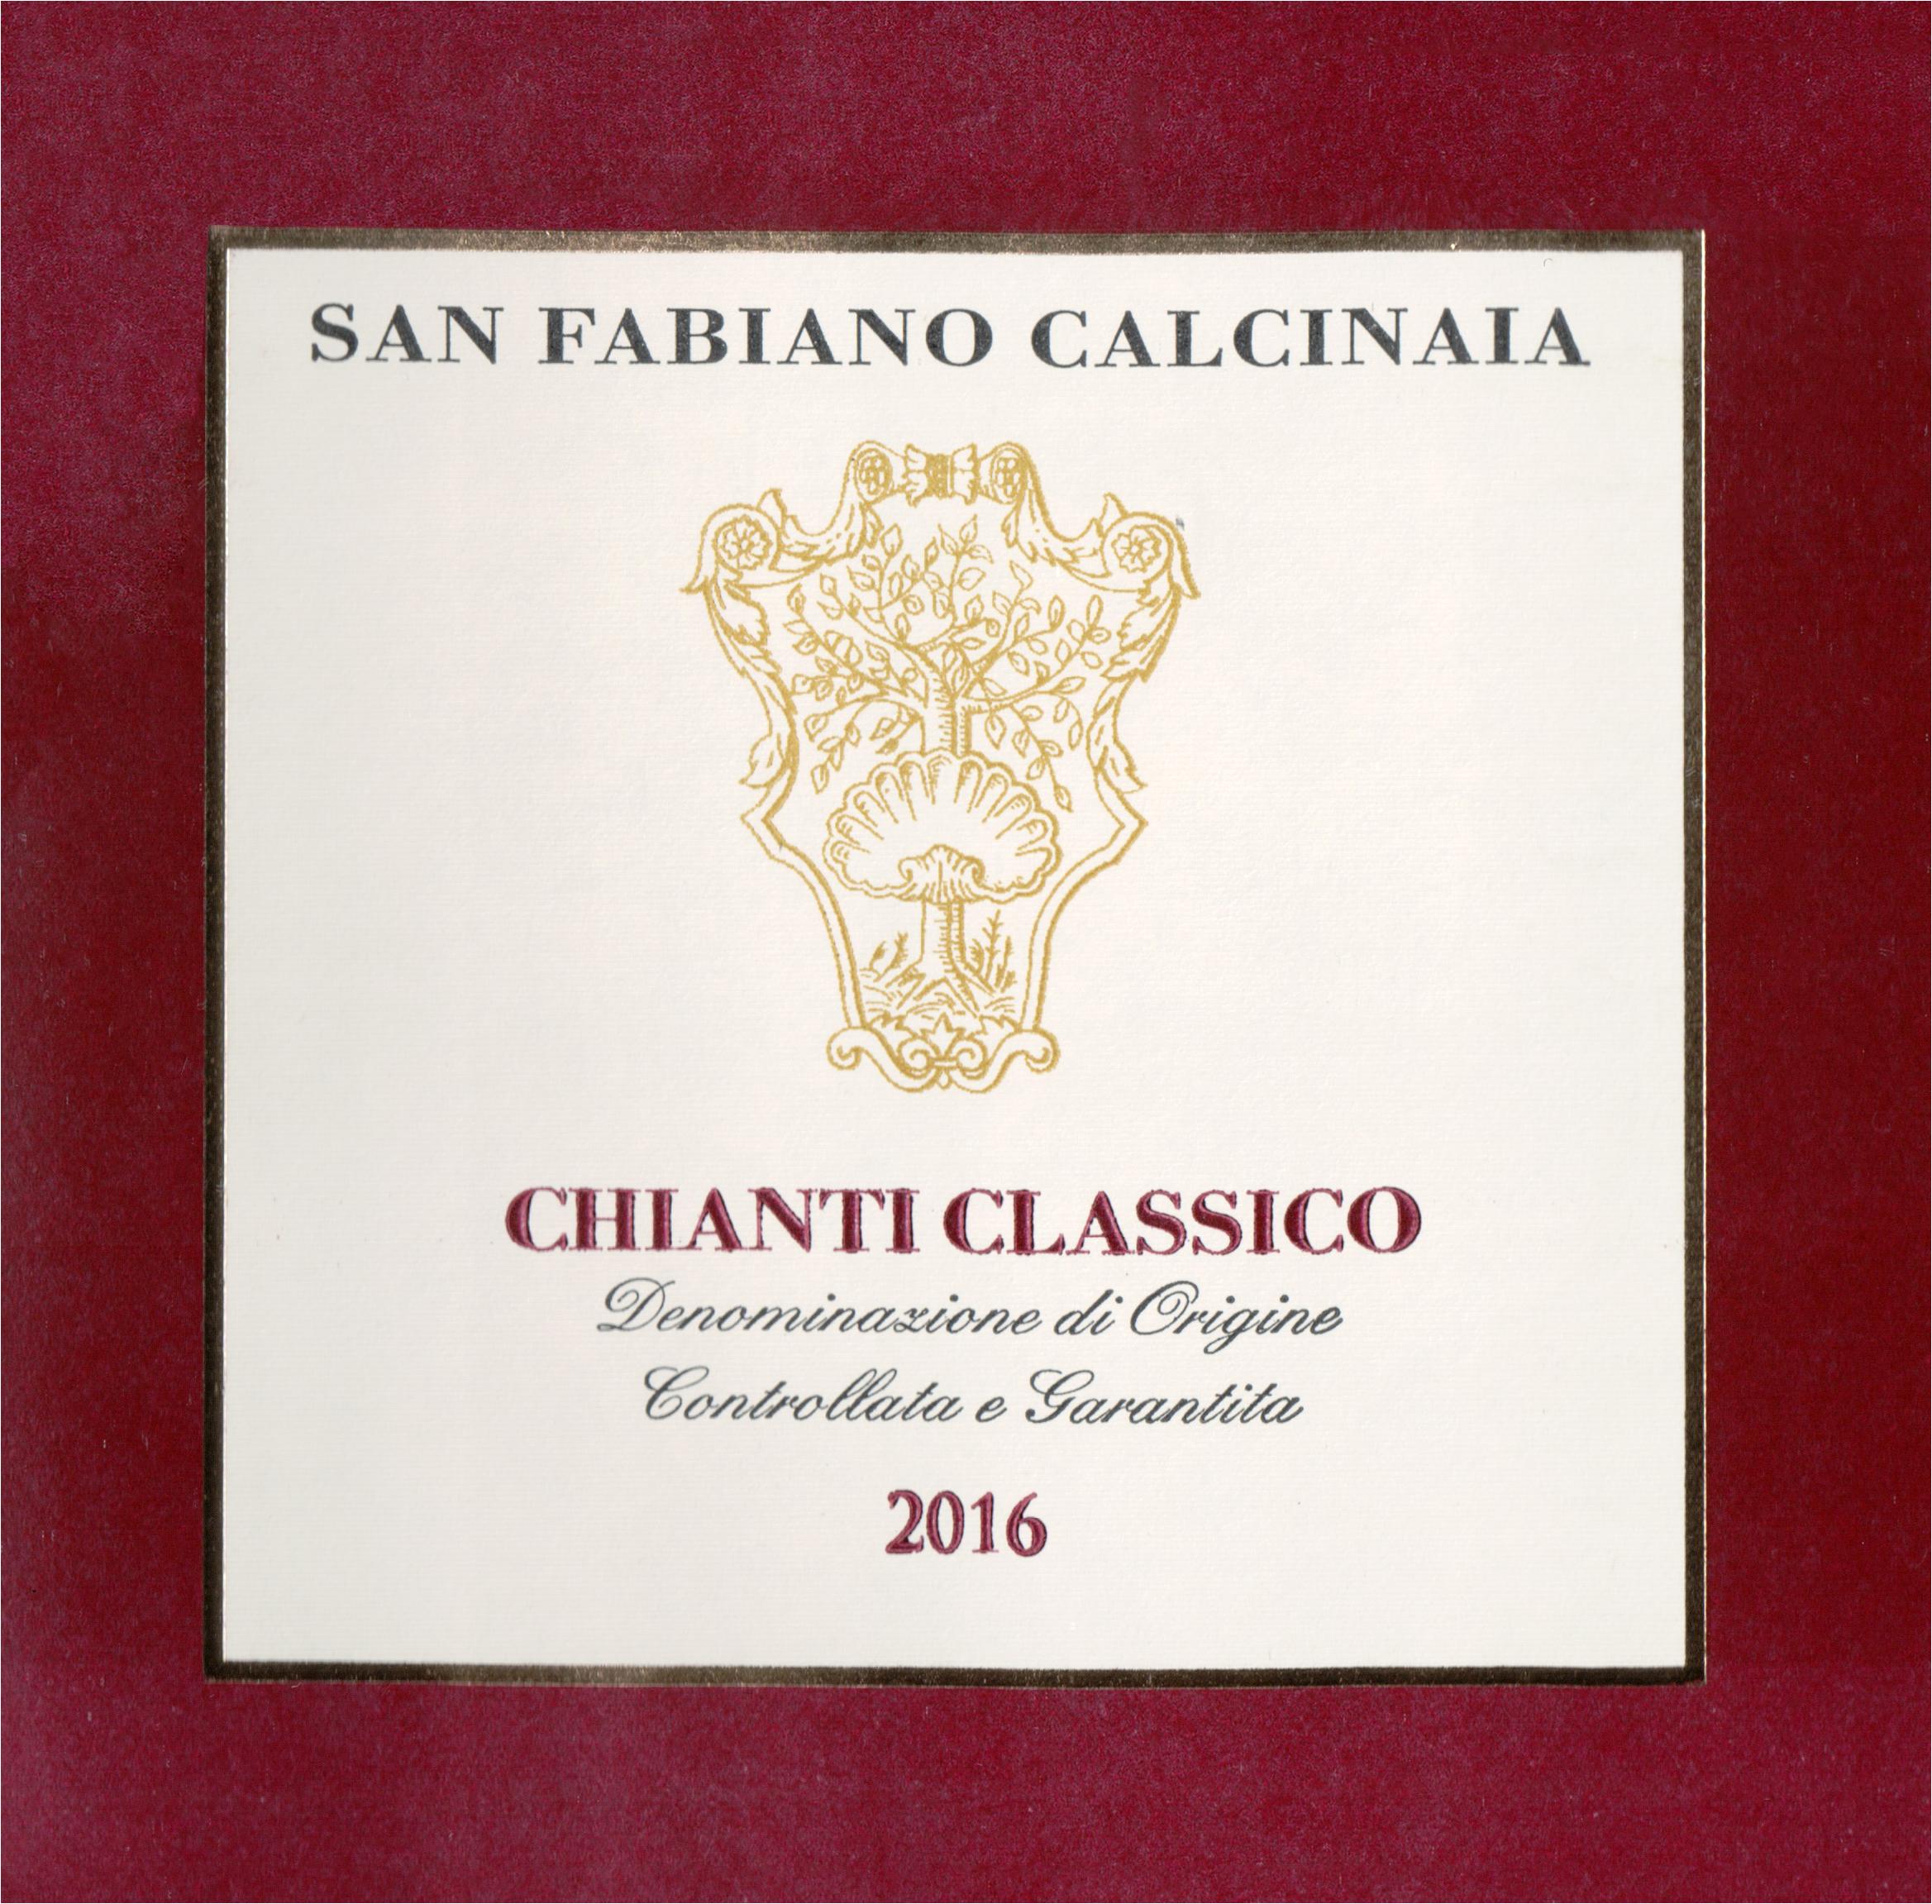 San Fabiano Calcinaia Chianti Classico 2017